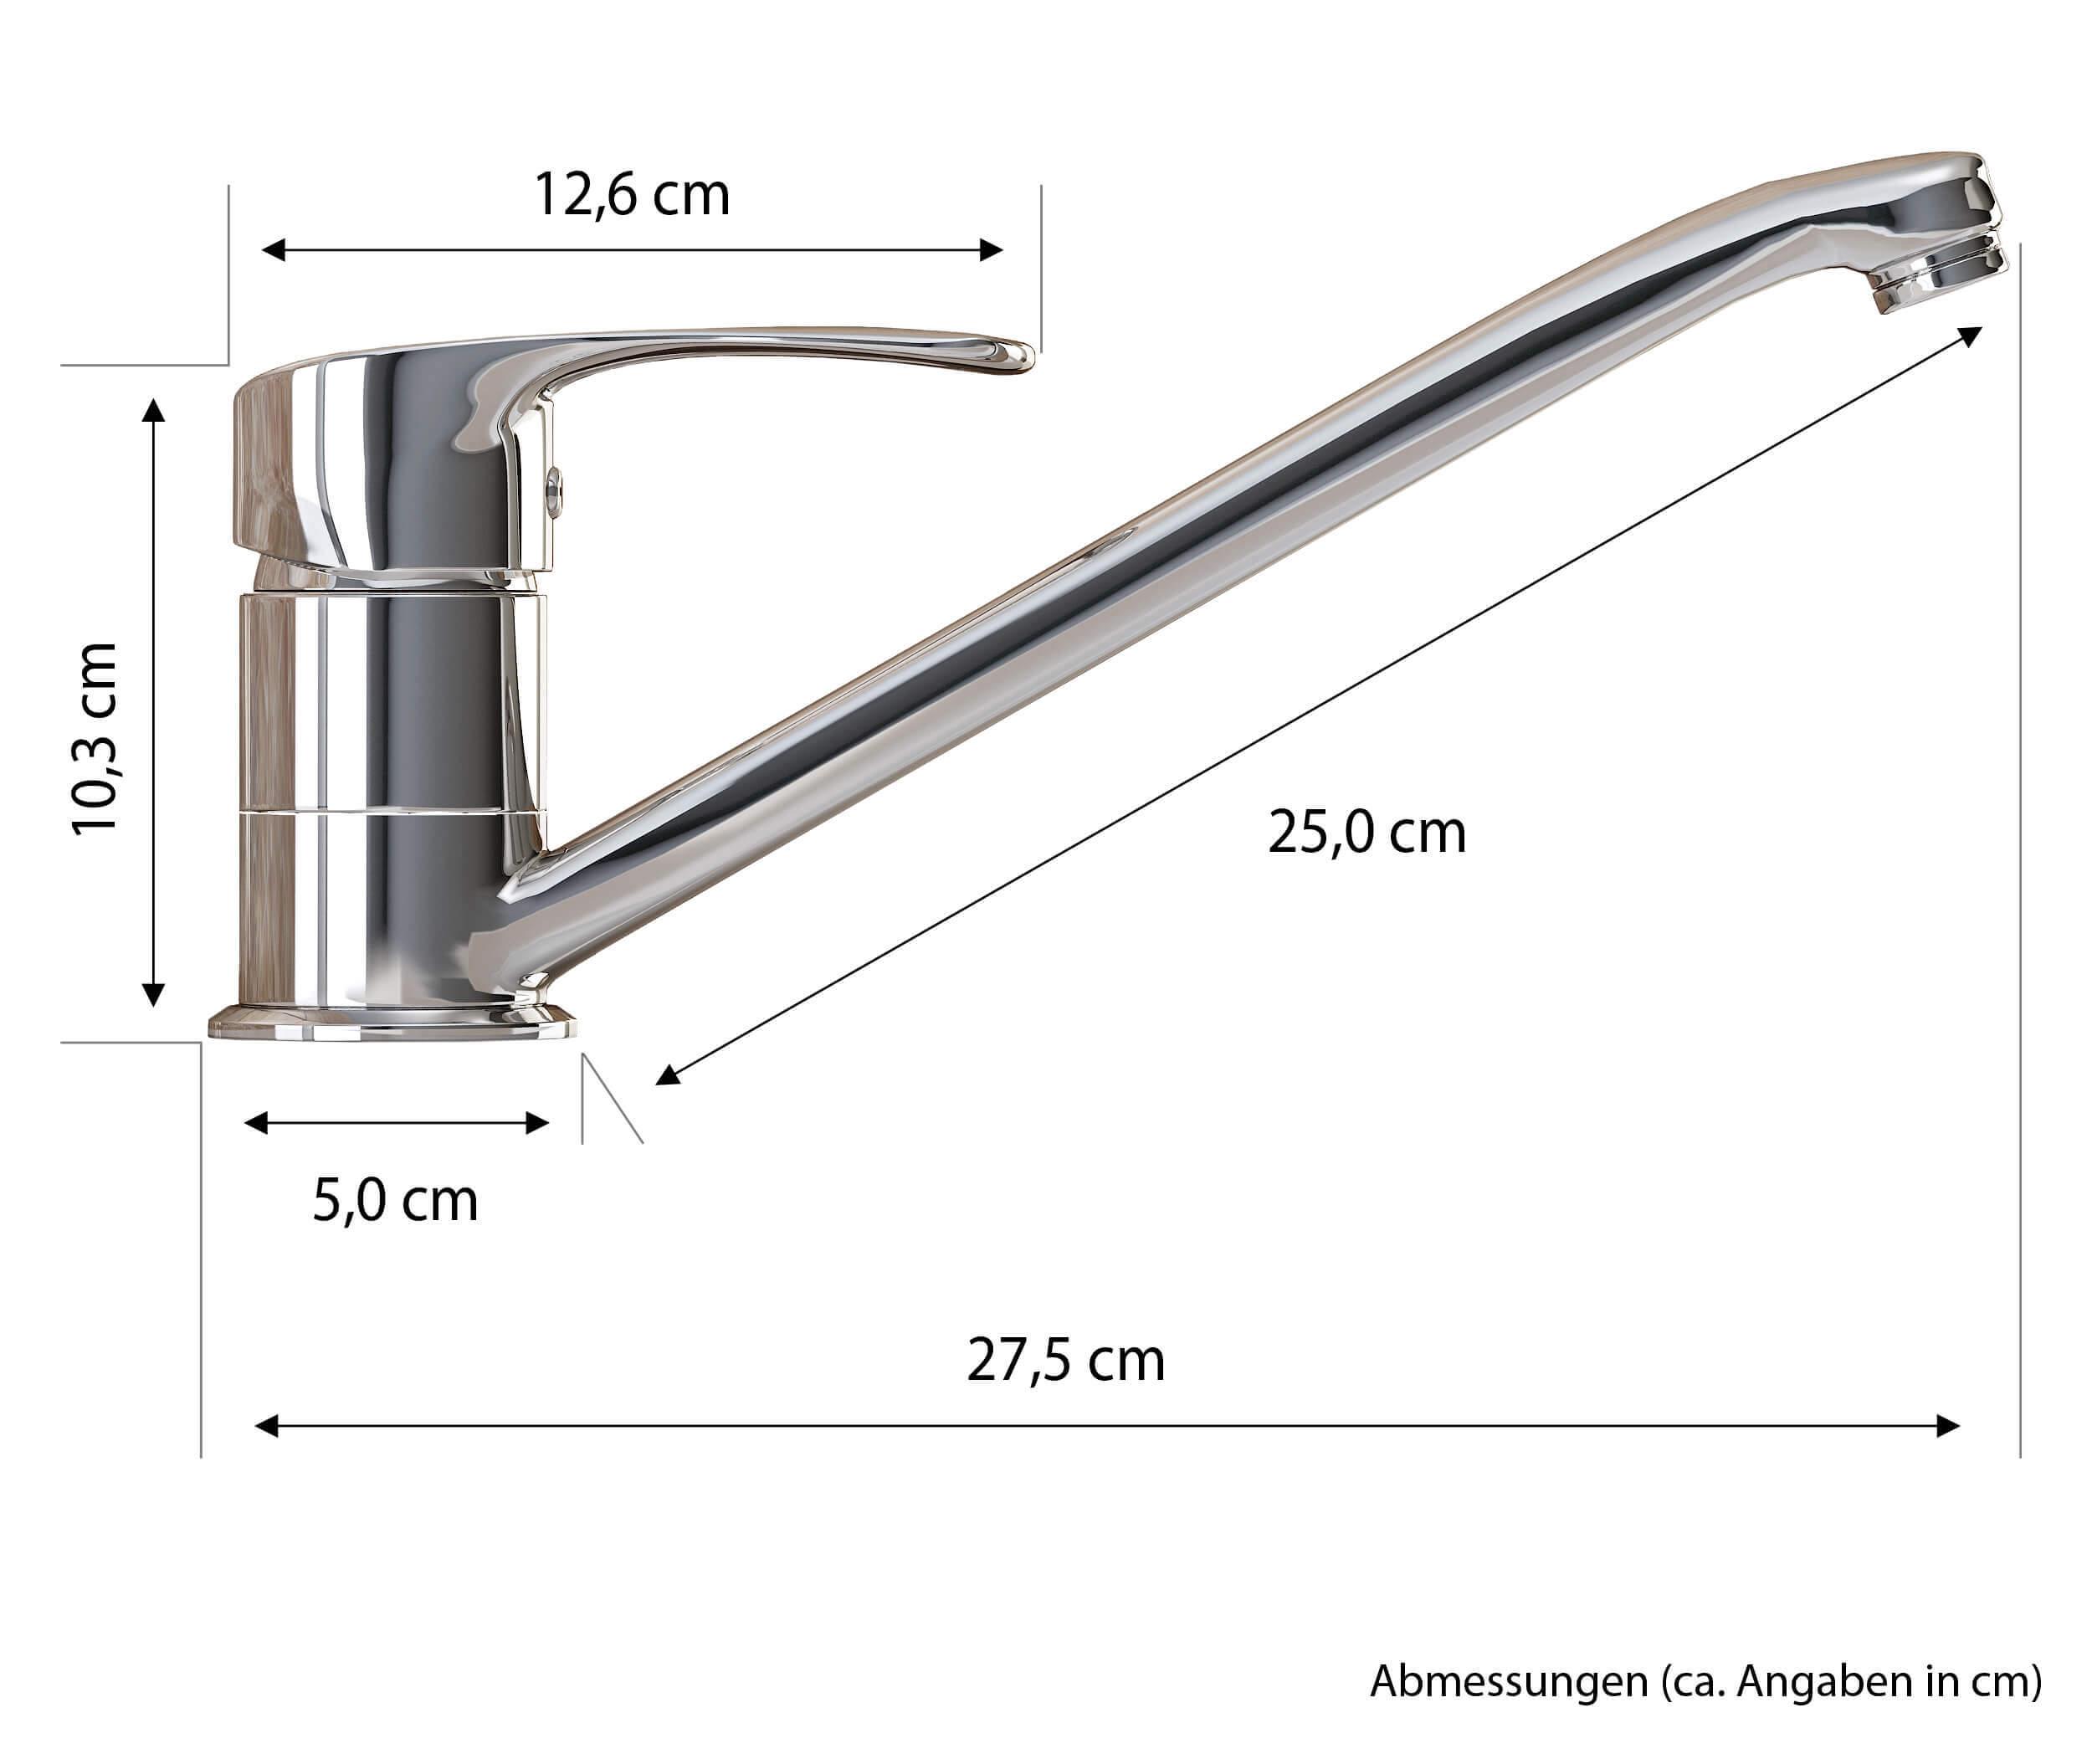 Full Size of Vilstein Armatur Mischbatterie Fr Sple Waschbecken Wasserhahn Küche Wandanschluss Bad Für Wohnzimmer Wasserhahn Anschluss